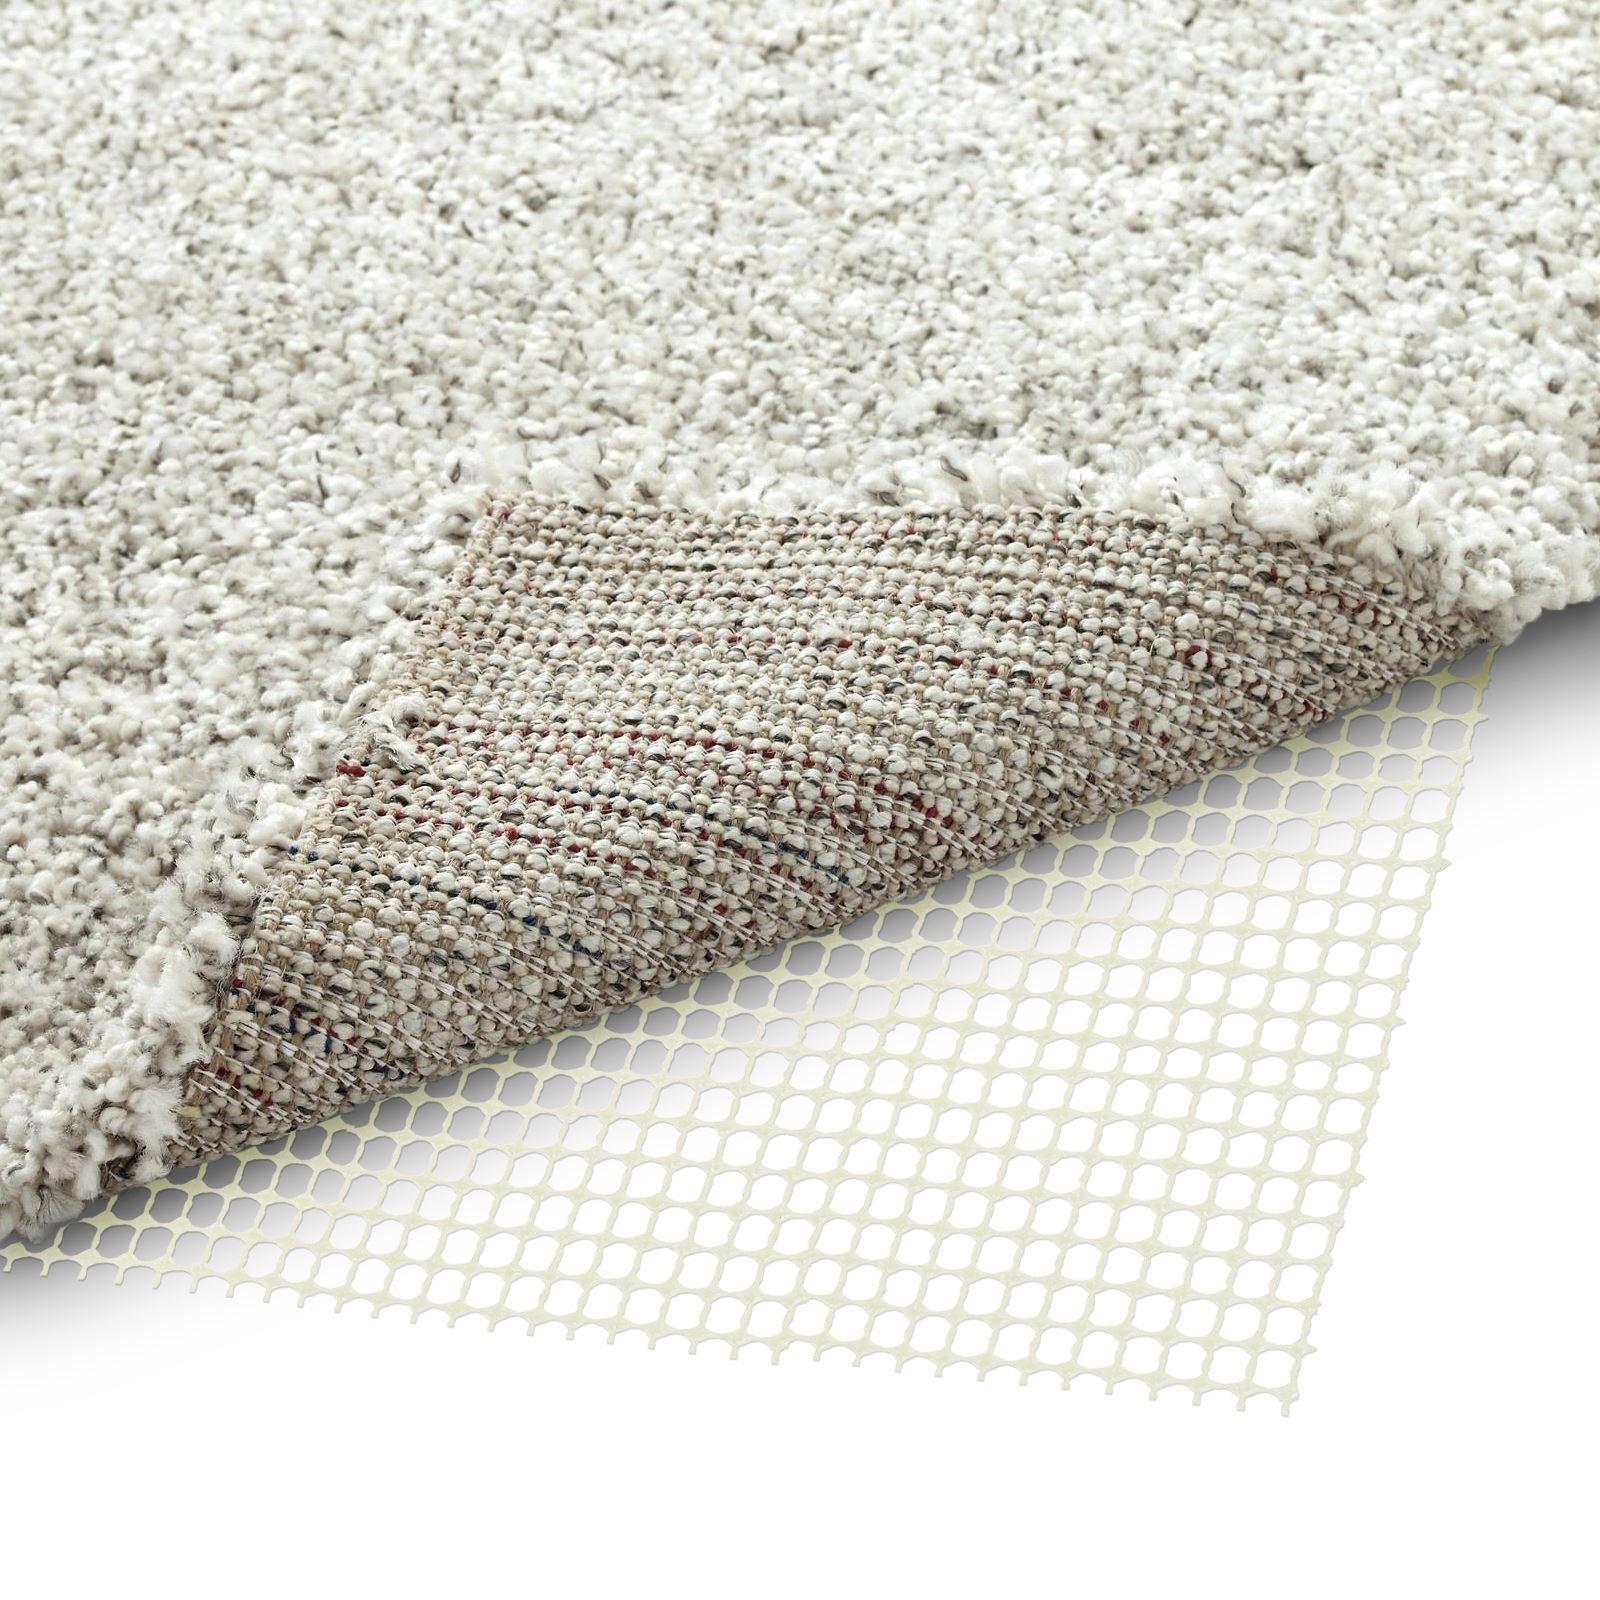 Anti-Antiscivolo-Tappetino-100-x-150cm-Carpet-Tappeto-Pavimento-Pinza-Grip-Auto-disegnare-Liner miniatura 7